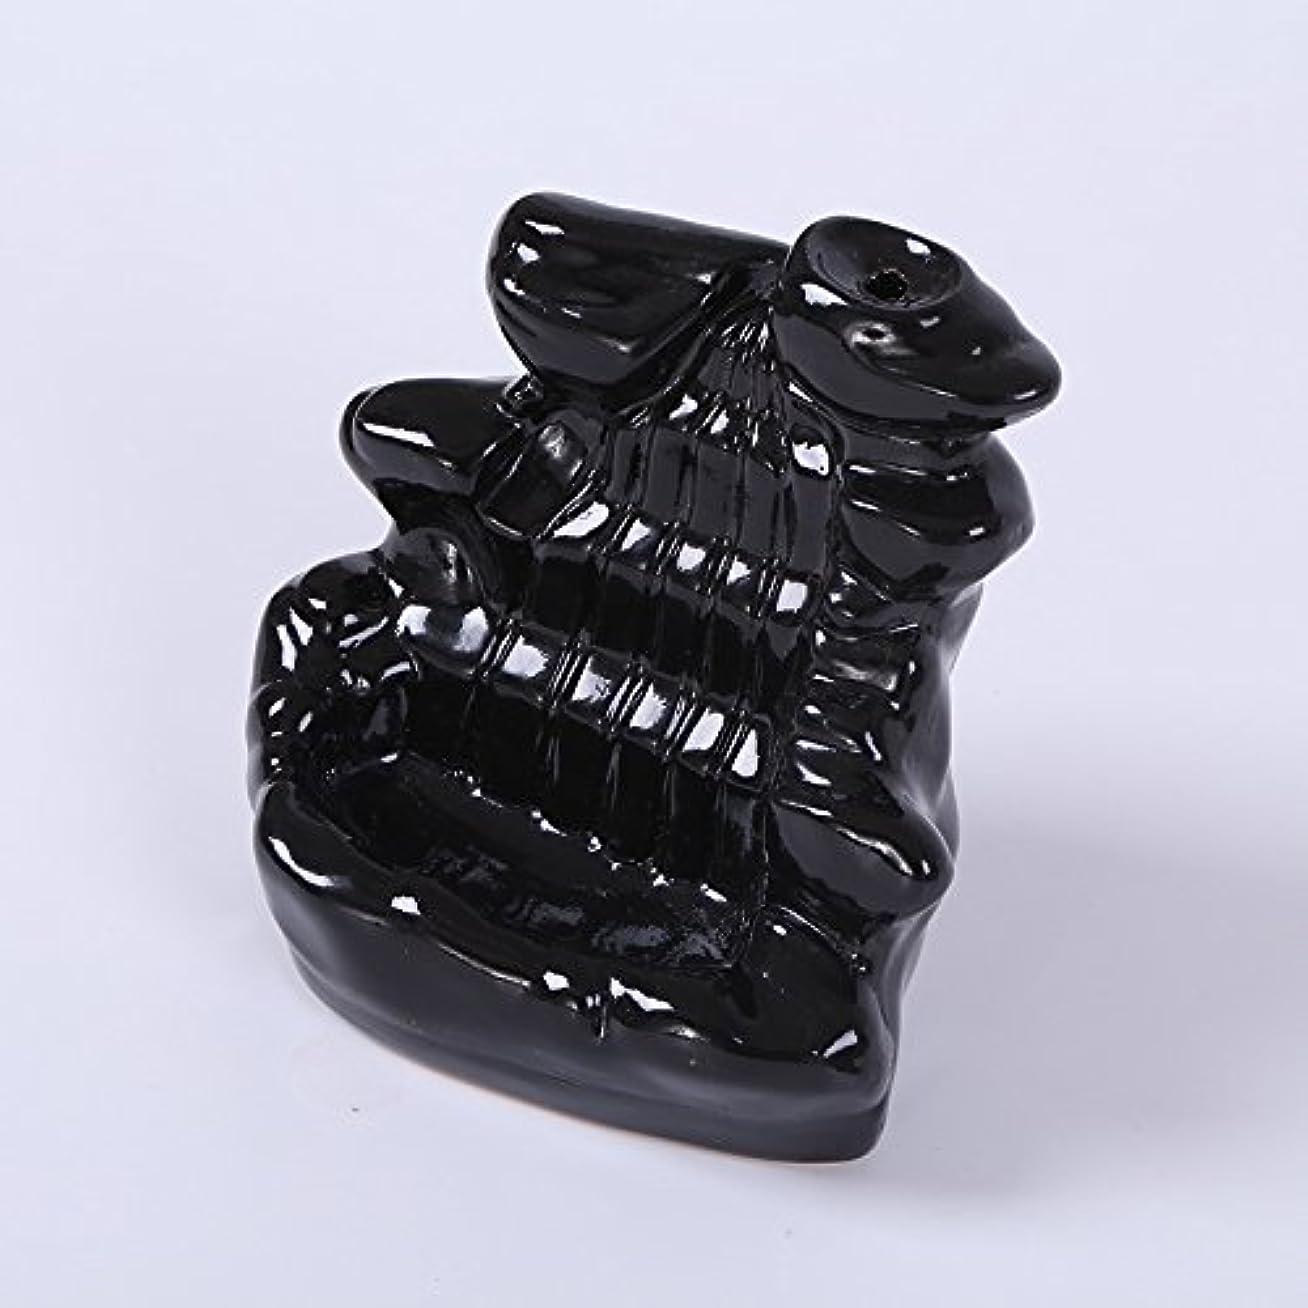 反動鉄道何かKicode ブラック 滝の磁器の逆流 セラミックコーン 香炉 ホルダー仏教ホームオフィスデコレーション